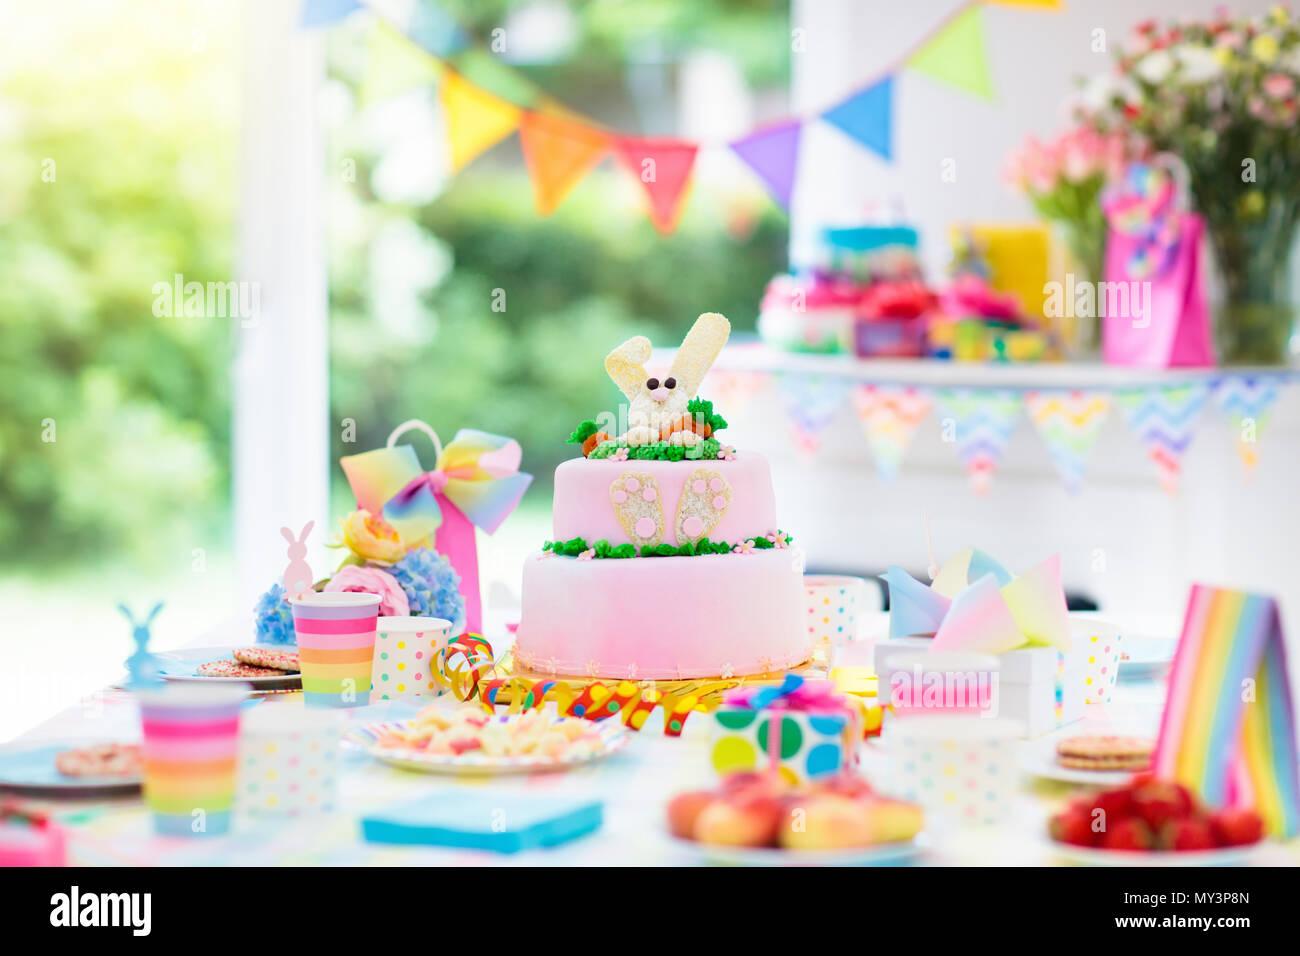 Kindergeburtstag Dekoration Und Kuchen Gedeckter Tisch Fur Kind